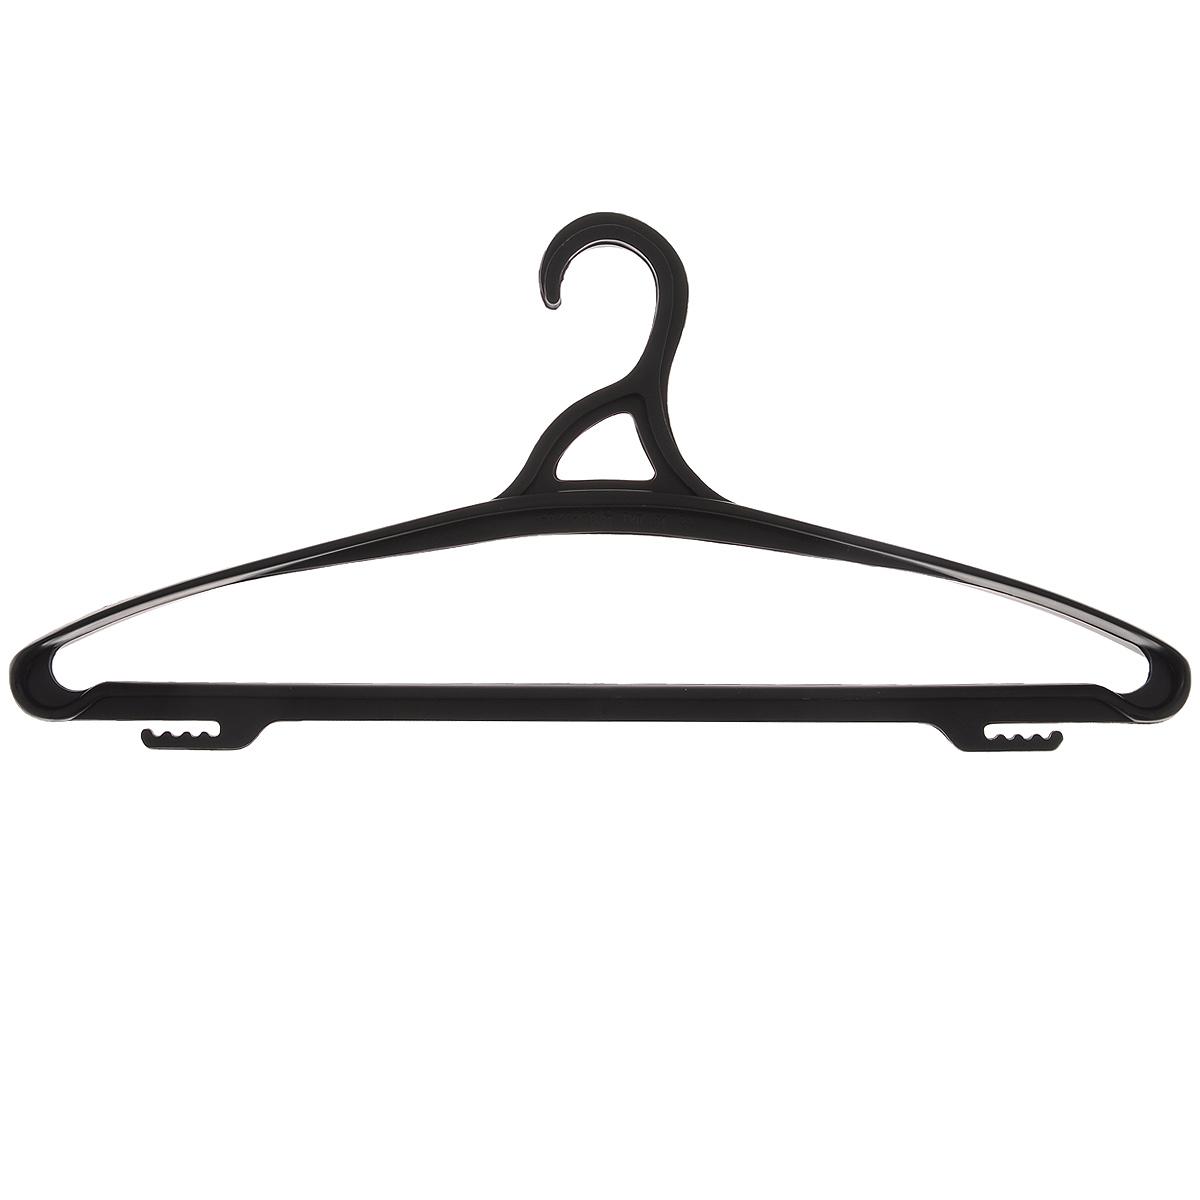 Вешалка ддя верхней одежды Бытпласт, размер 52-541004900000360Вешалка для верхней одежды Бытпласт выполнена из прочного пластика.Изделие оснащено перекладиной и боковыми крючками.Вешалка - это незаменимая вещь для того, чтобы ваша одежда всегда оставалась в хорошем состоянии.Размер одежды: 52-54.